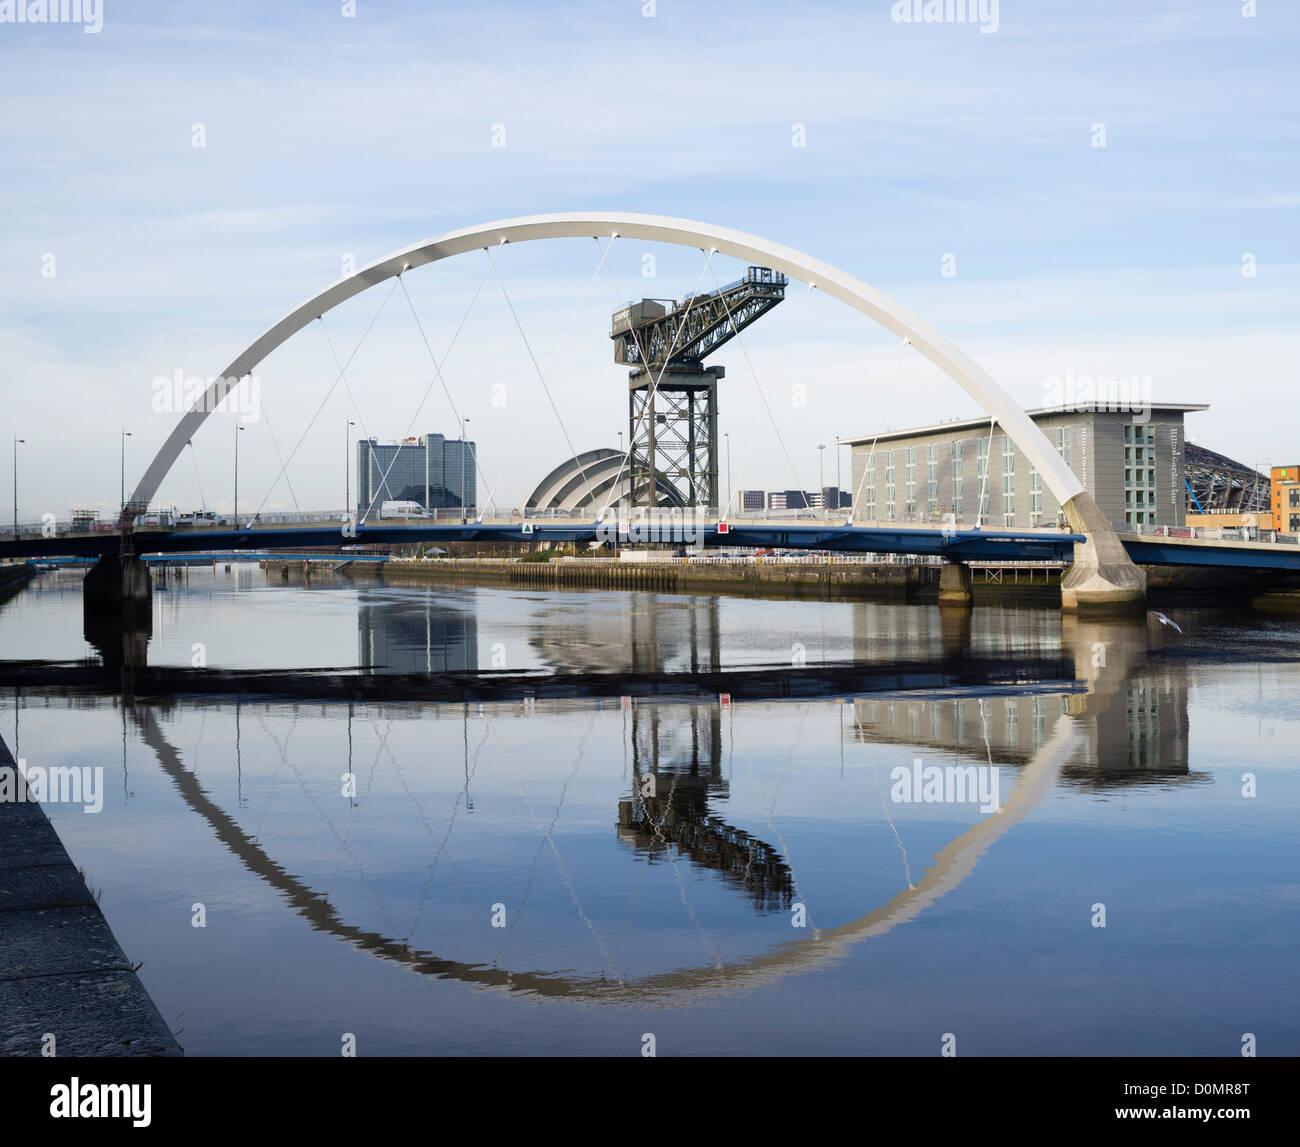 Le long de la rivière Clyde vers le pont d'arc ou aux pont comme il est connu localement vers la SECC à Glasgow Banque D'Images